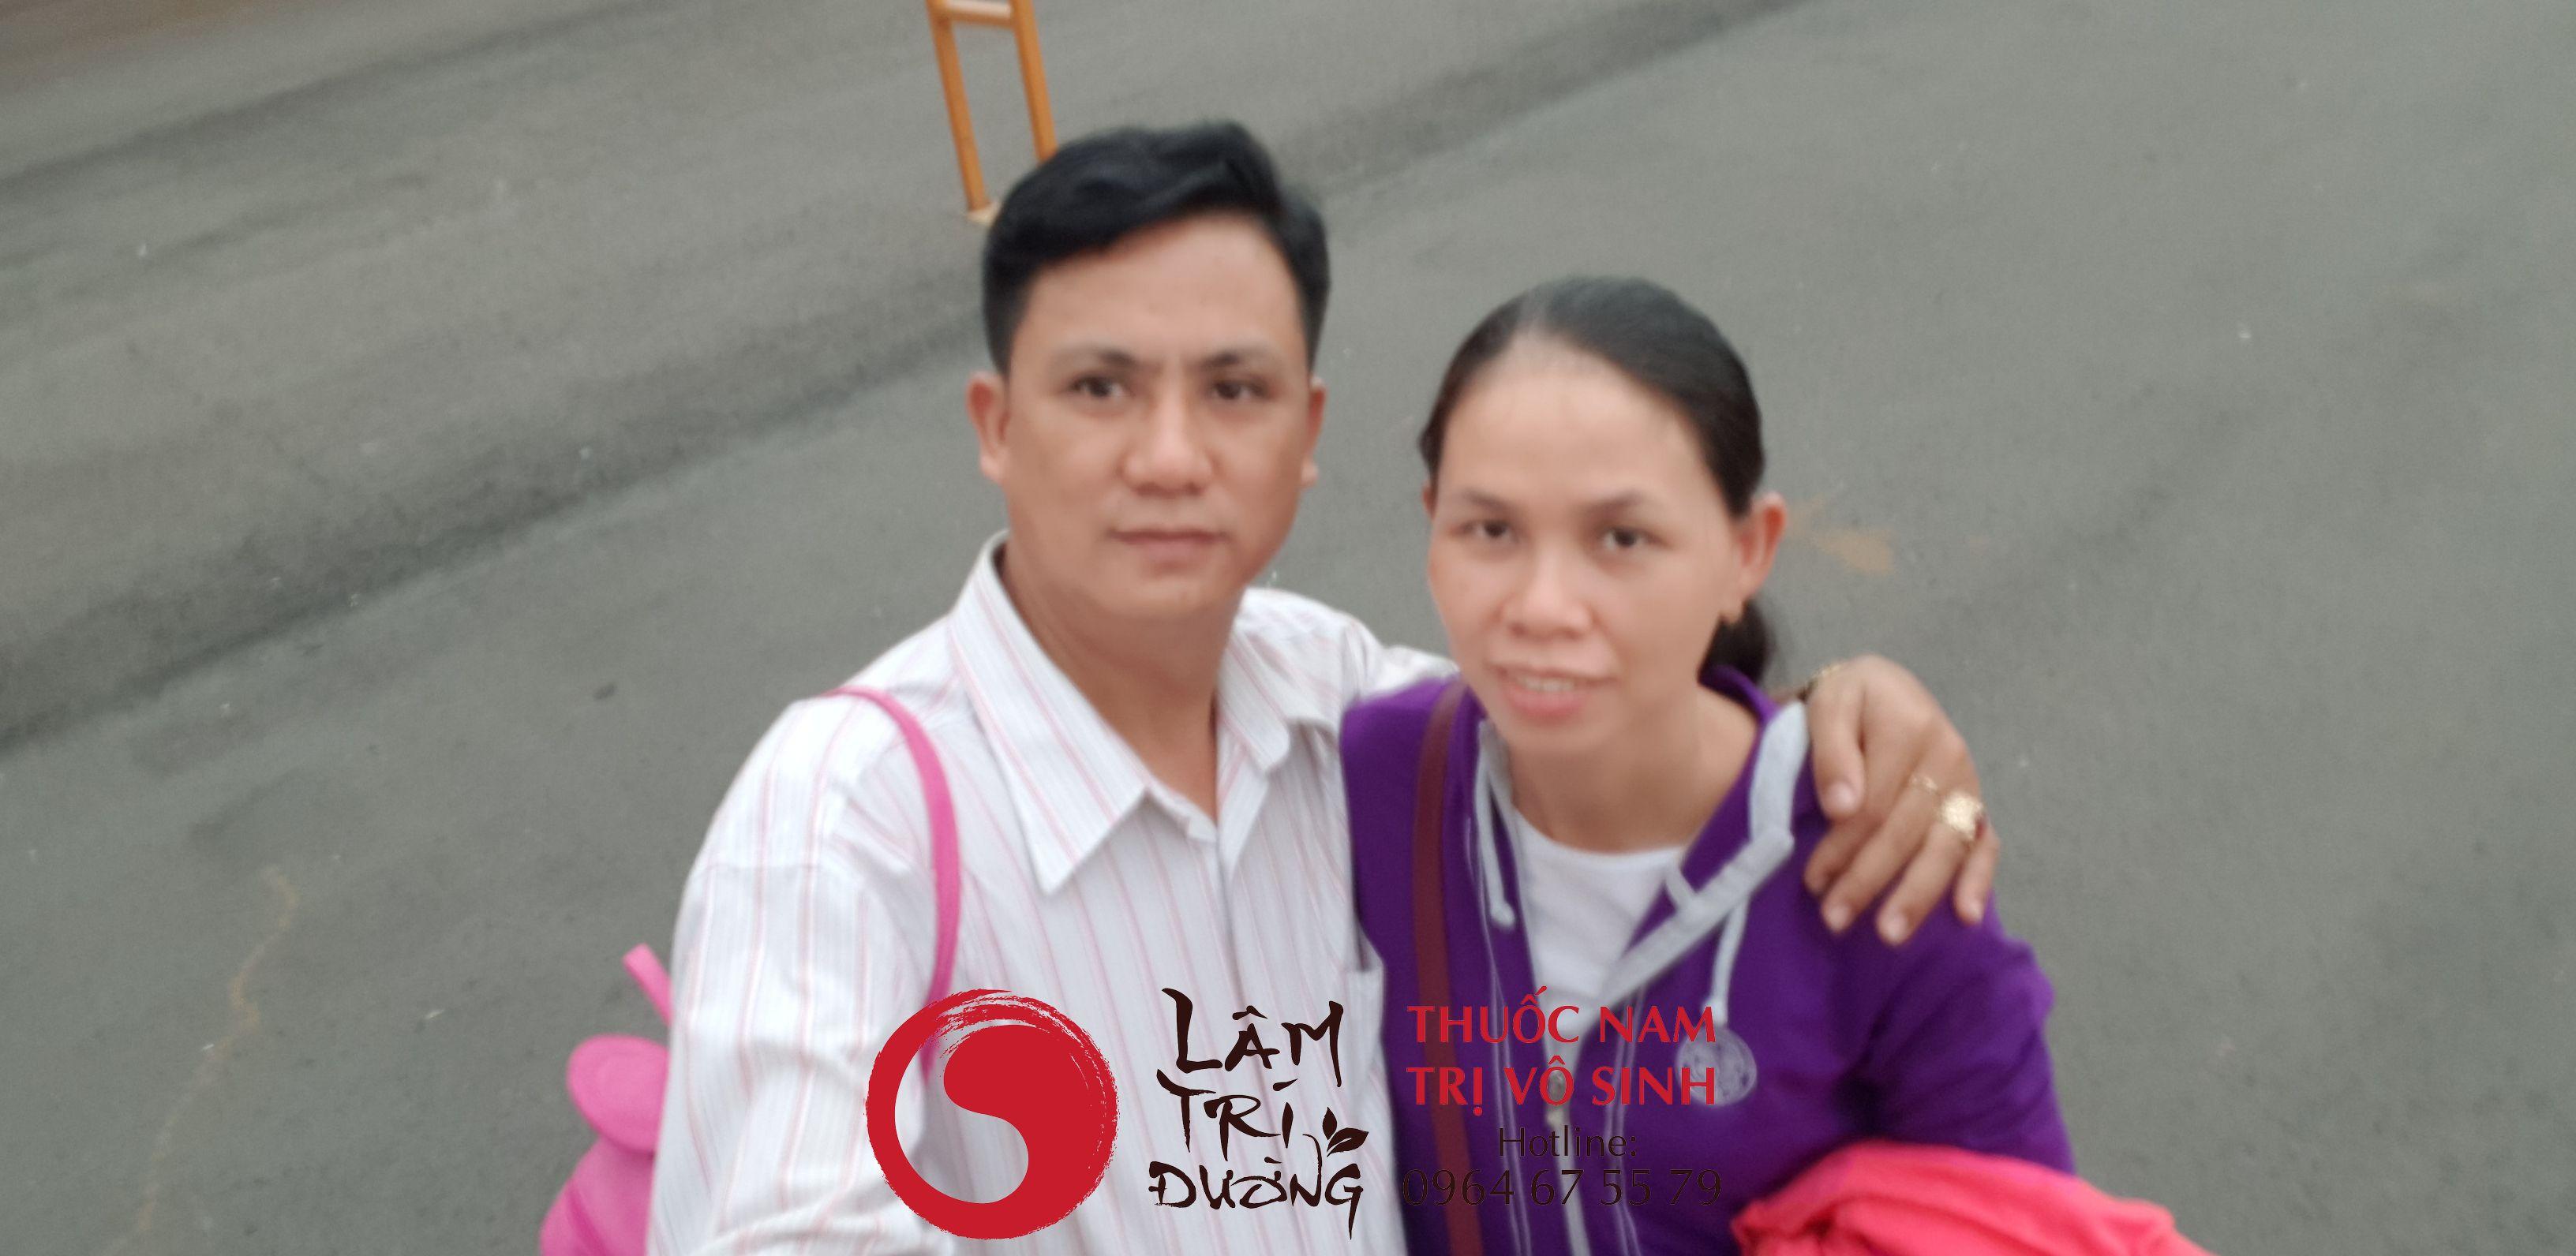 Tôi: Bùi Văn Trúc cùng vợ Đặng Thị Việt Anh